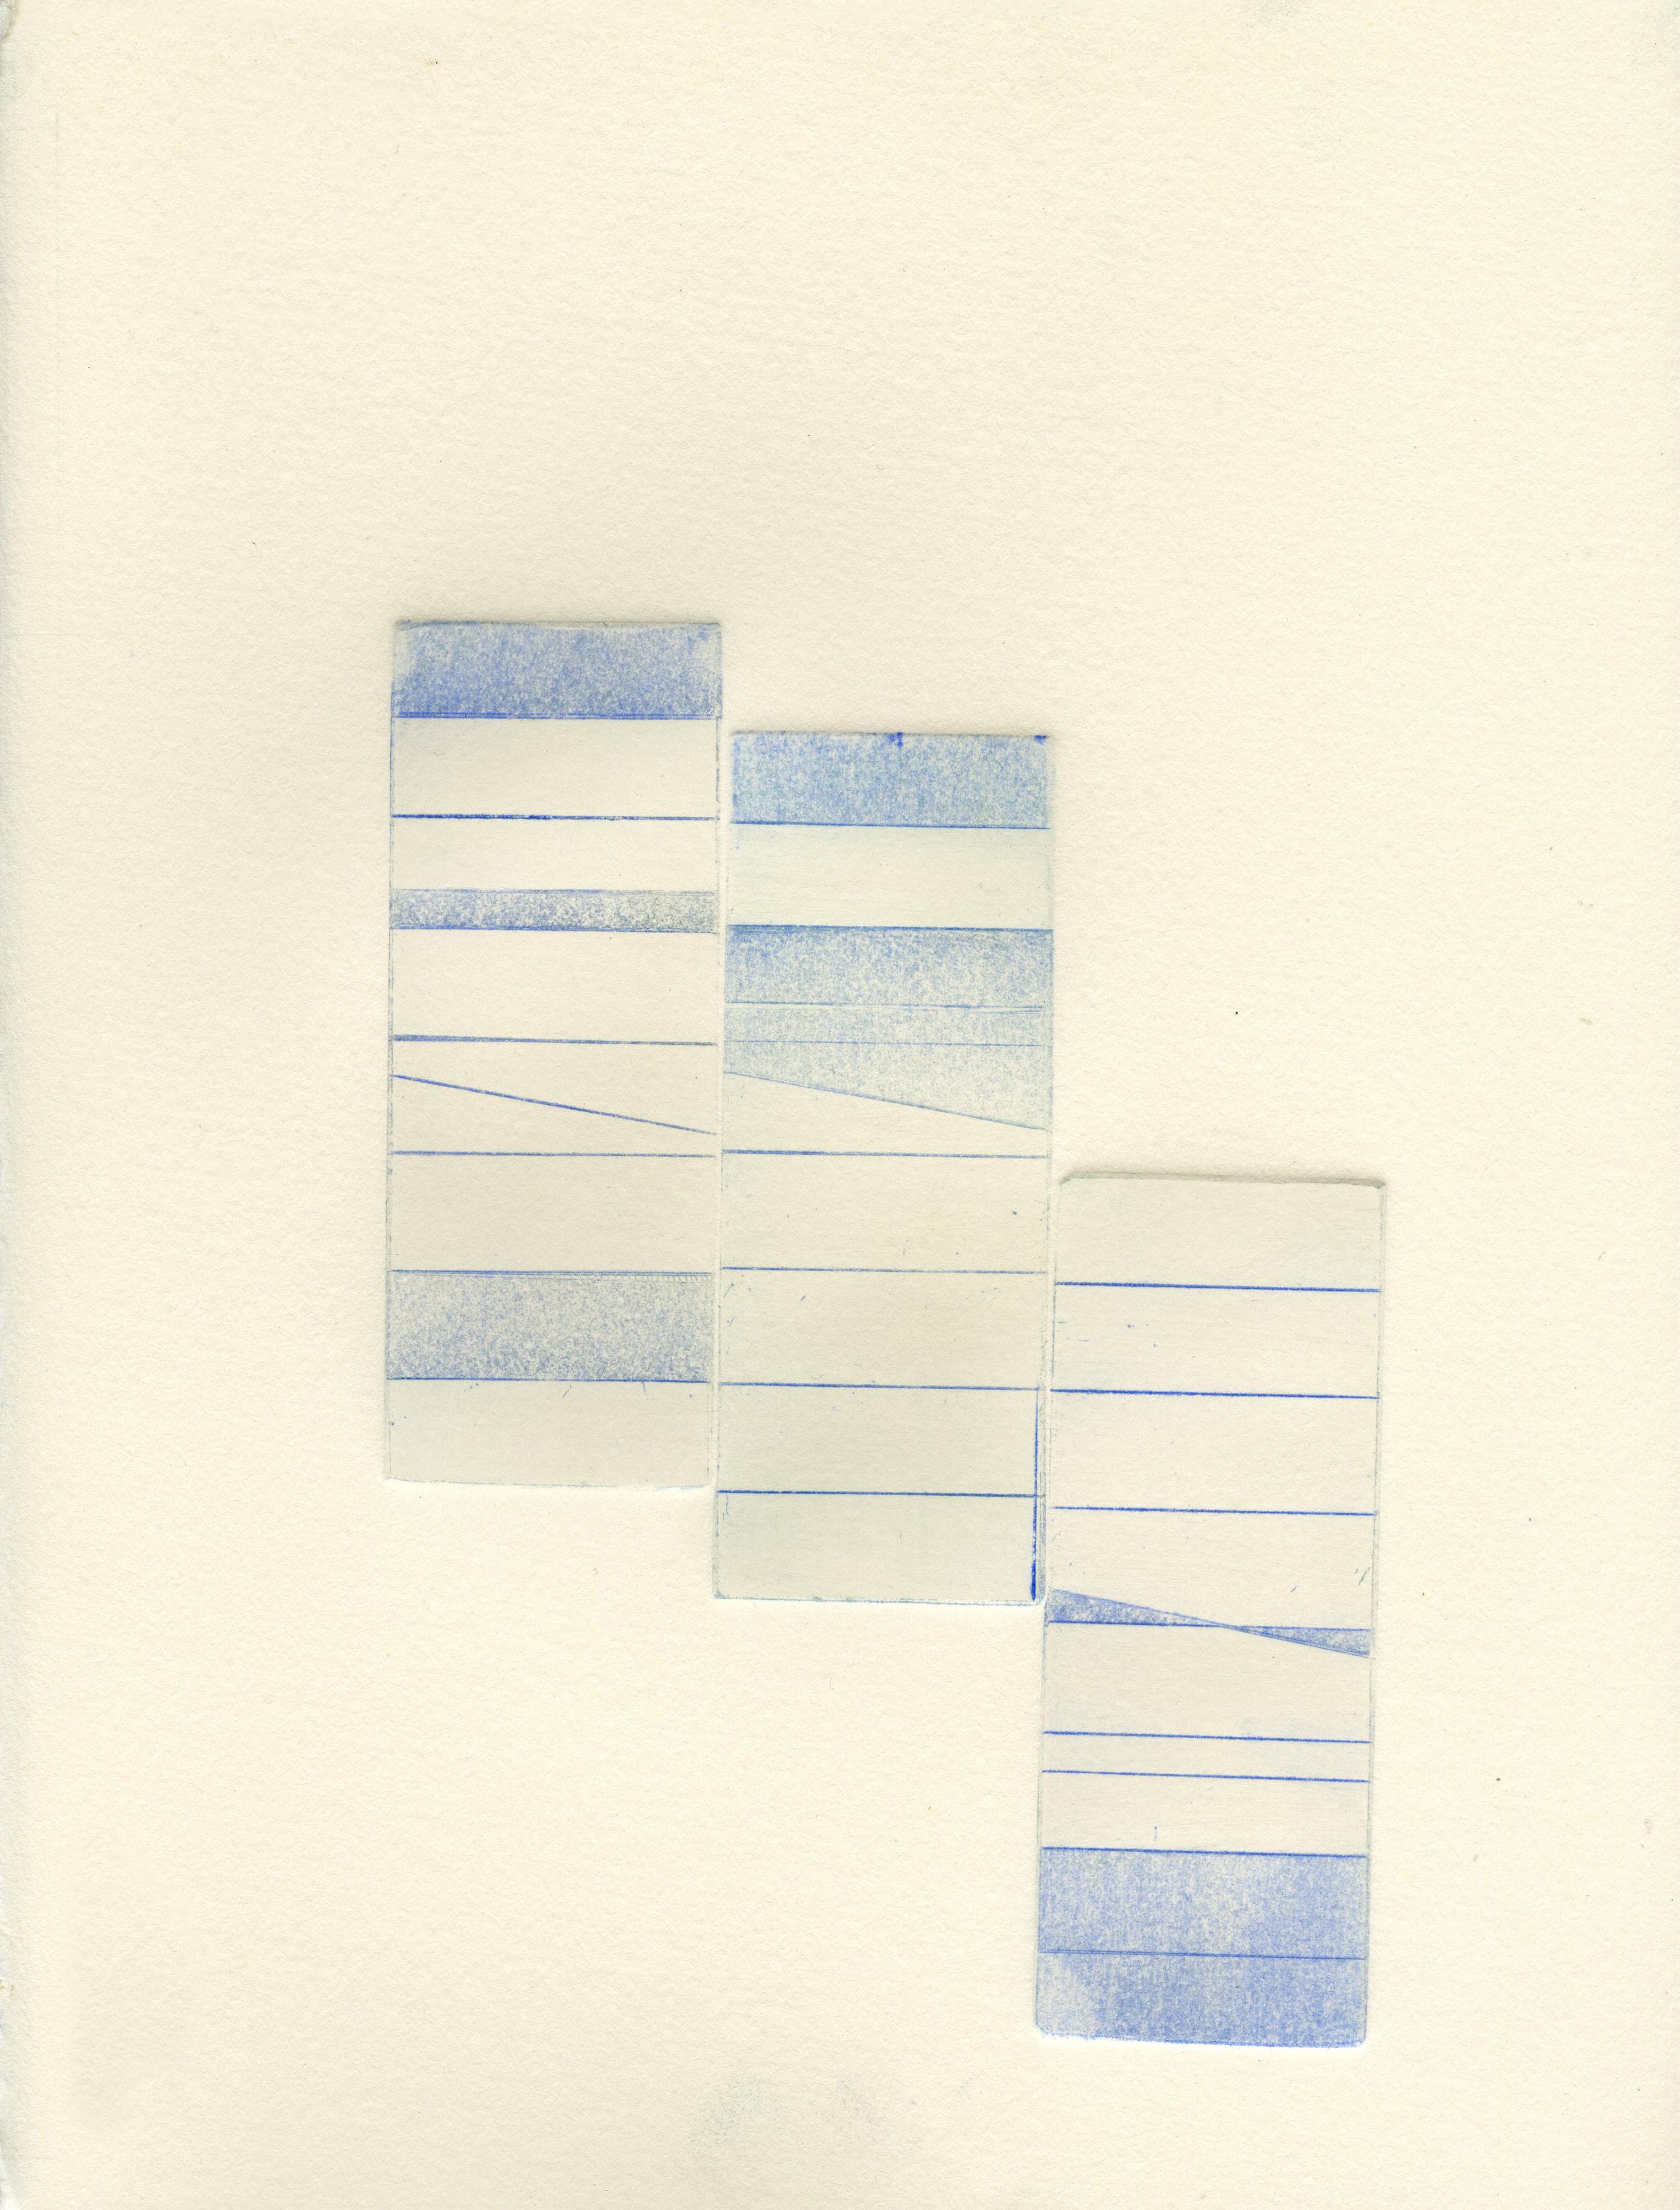 rectangle008.jpg